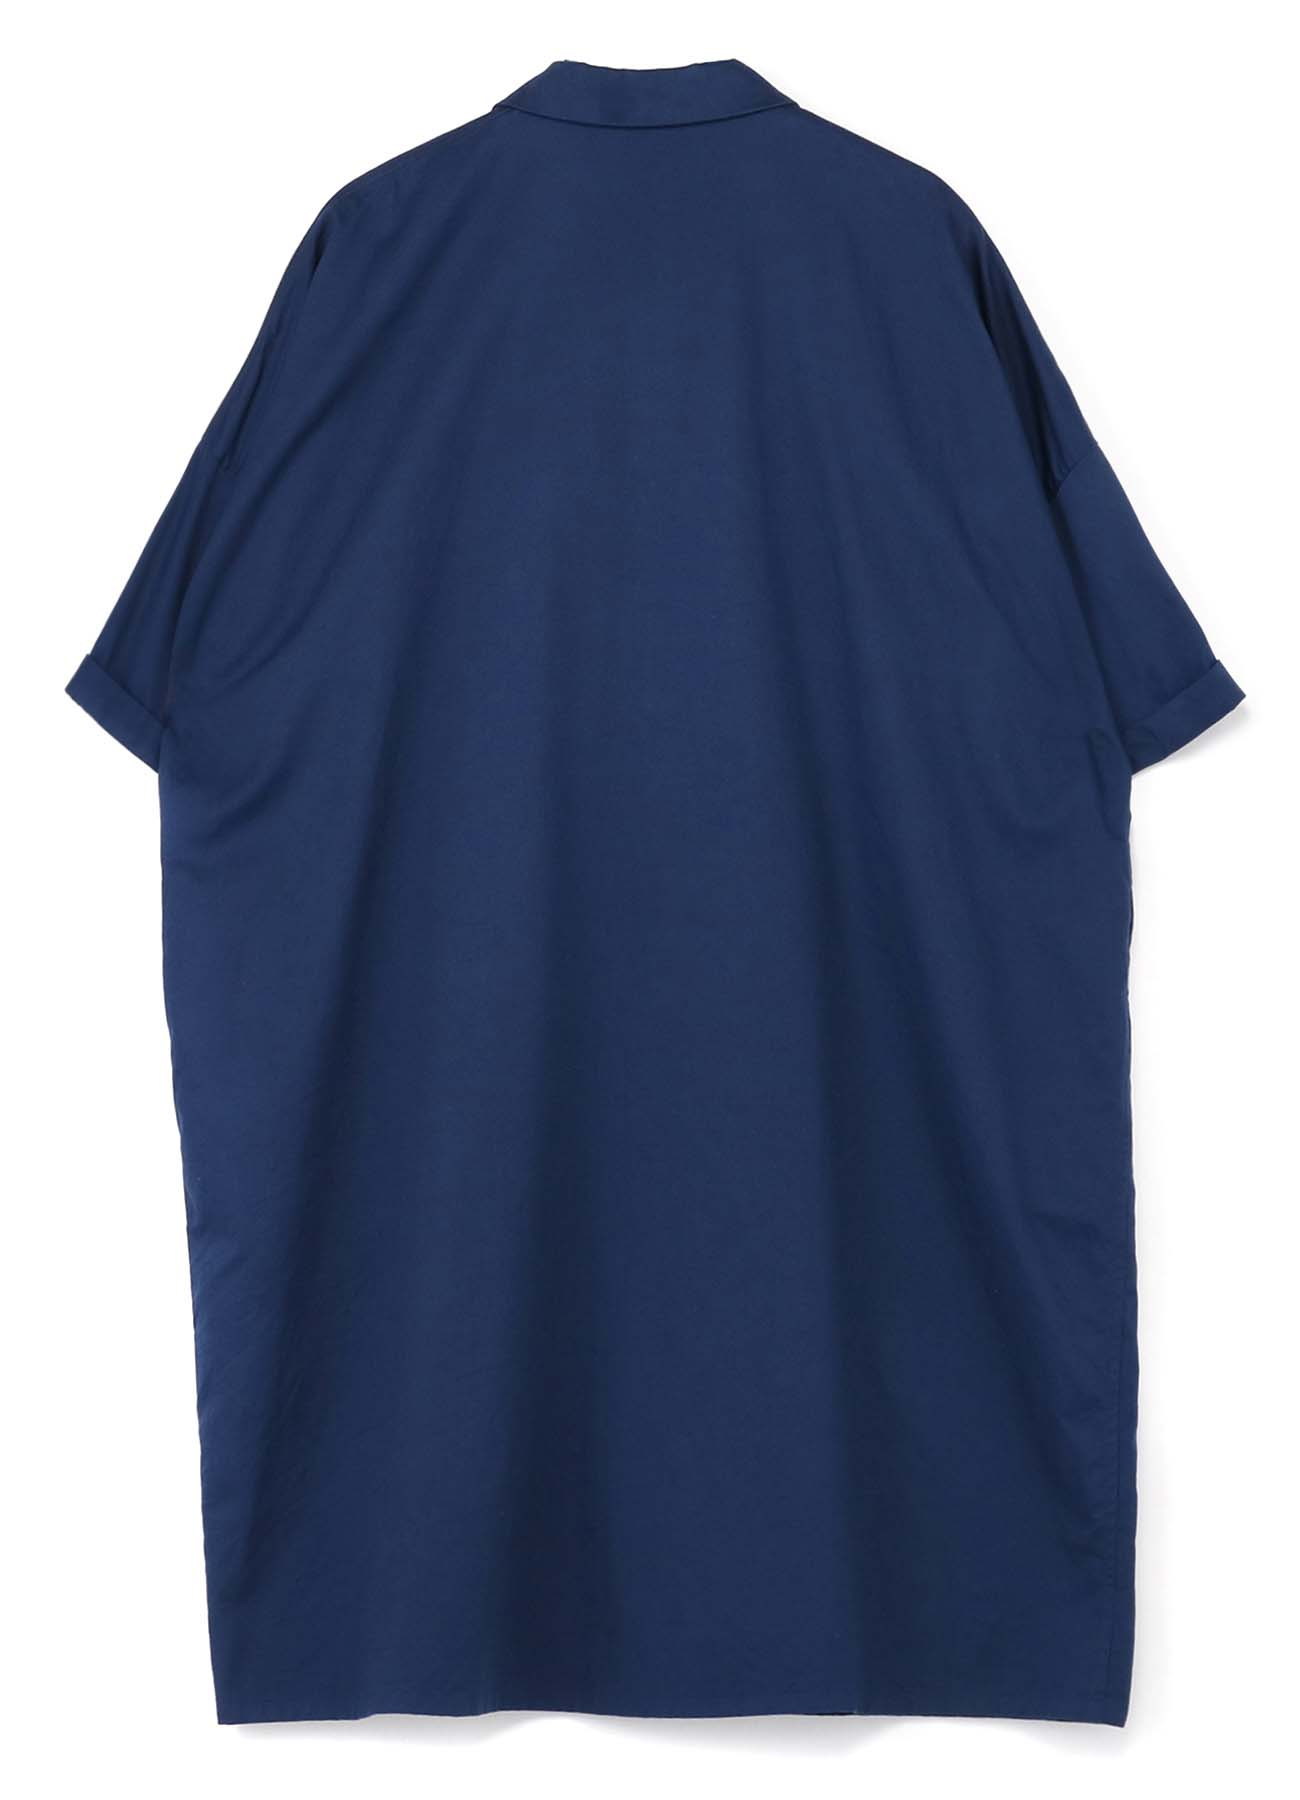 TWILL SHORT SLEEVE SHIRT DRESS